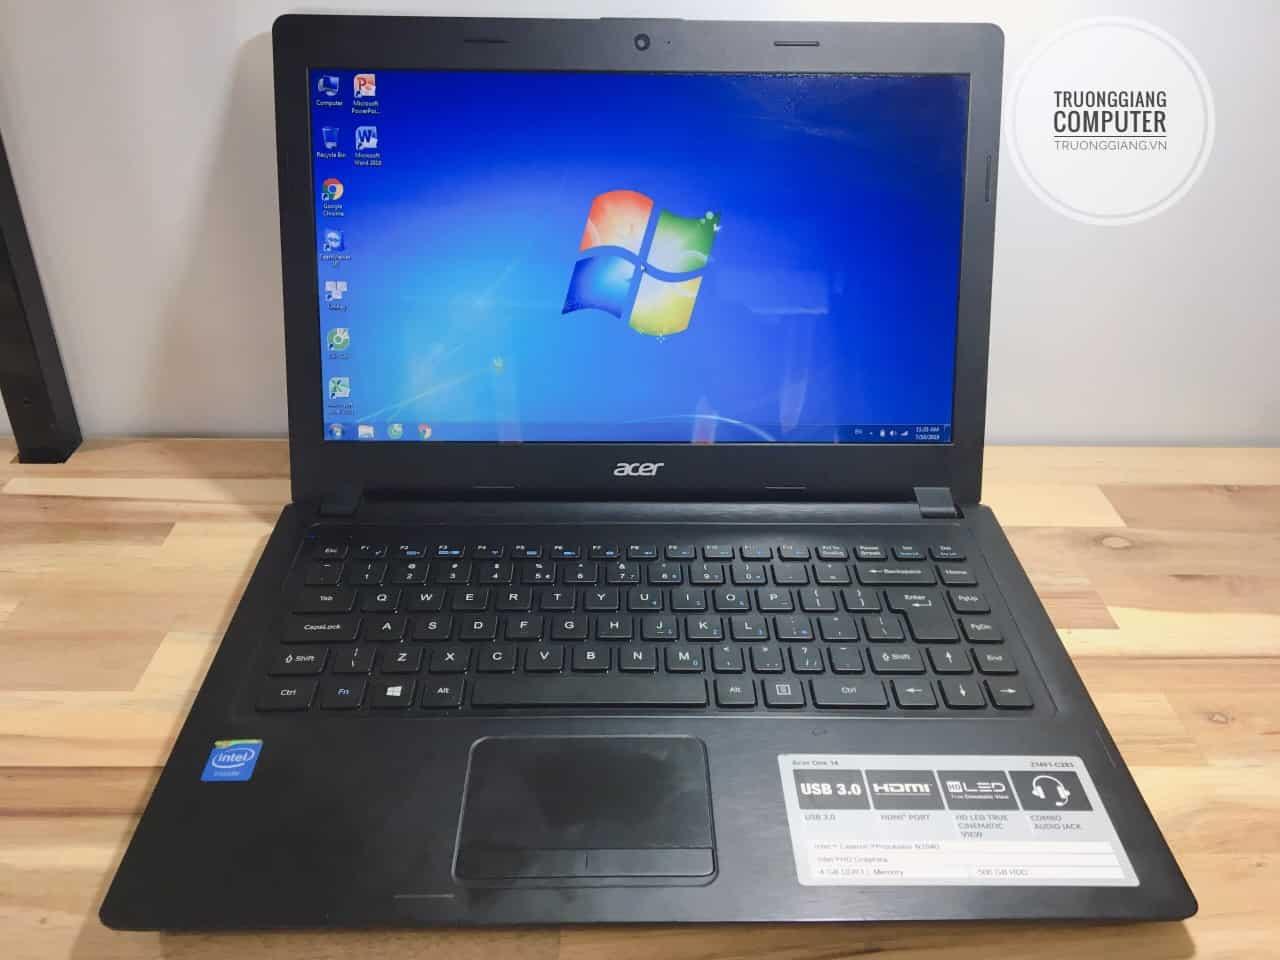 Laptop Acer Aspire Z1401 cũ